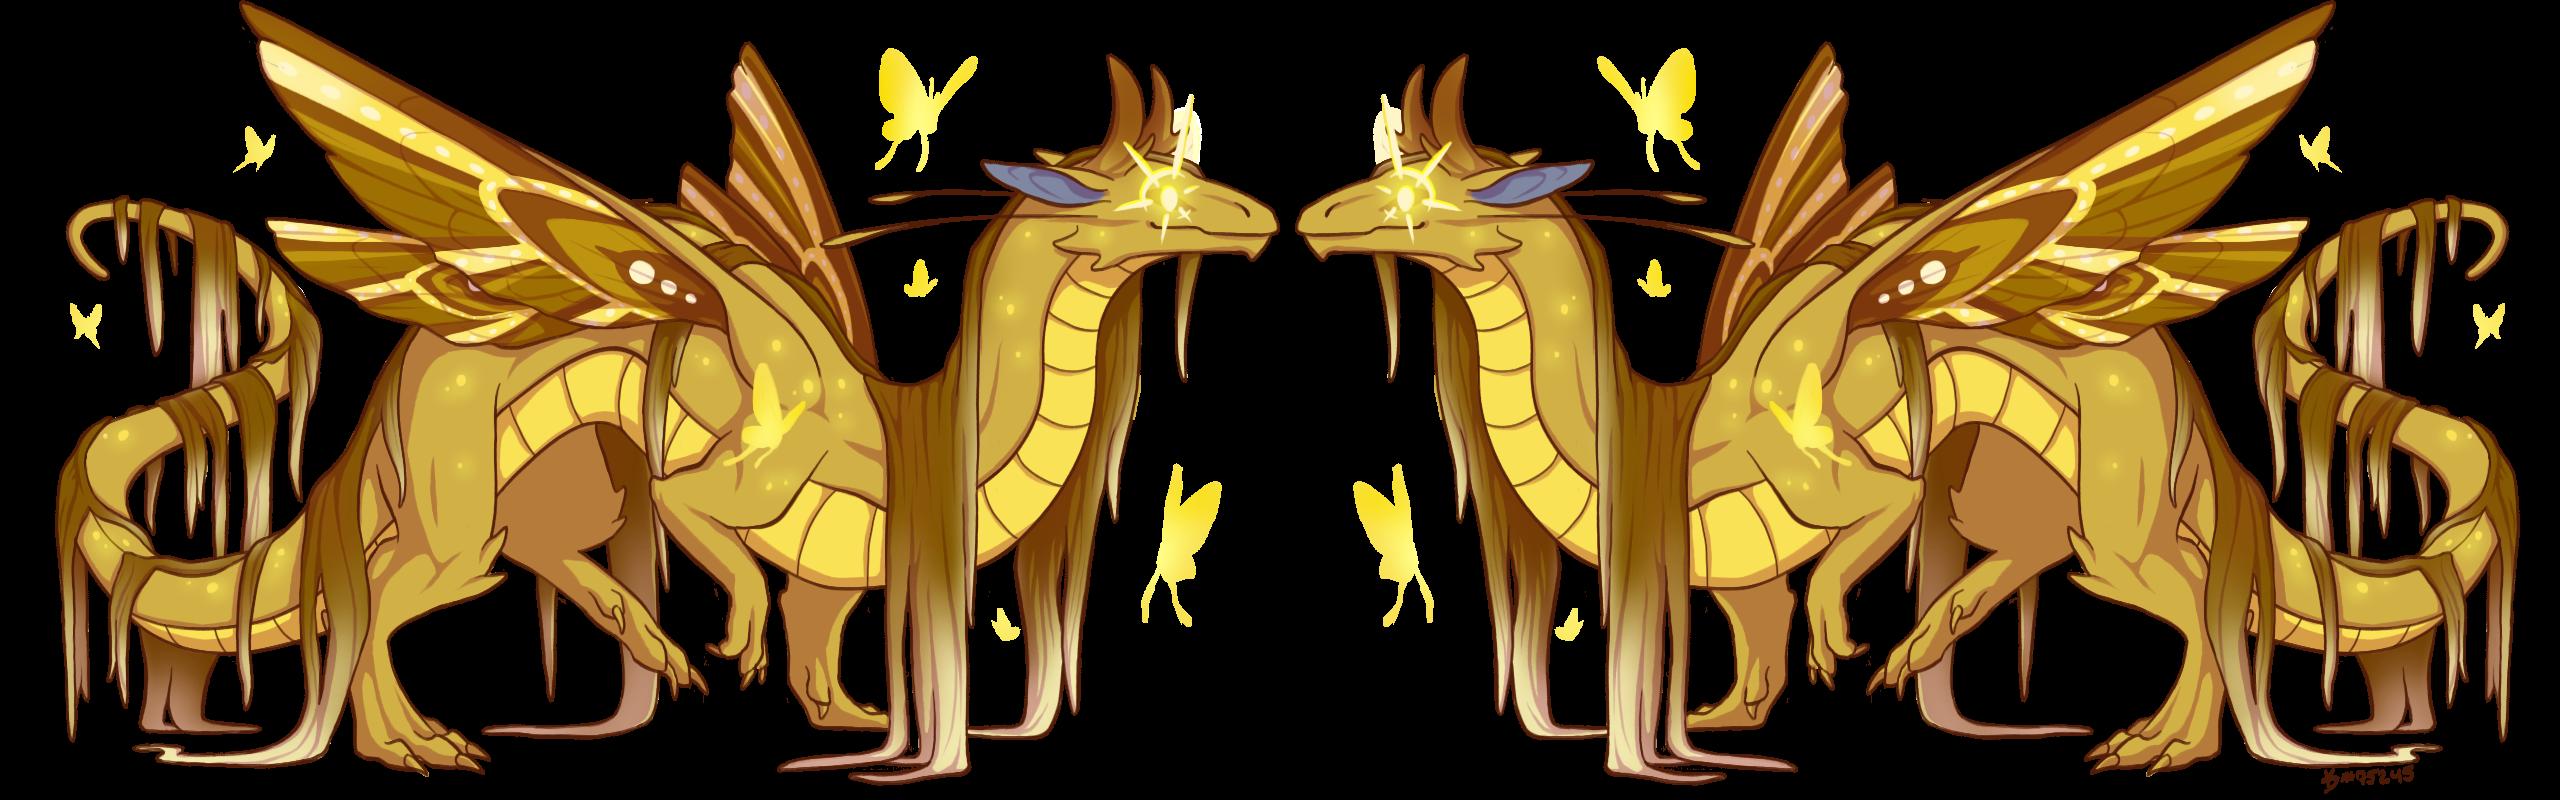 Boop_Veilspun_Butterfly_Combined.png